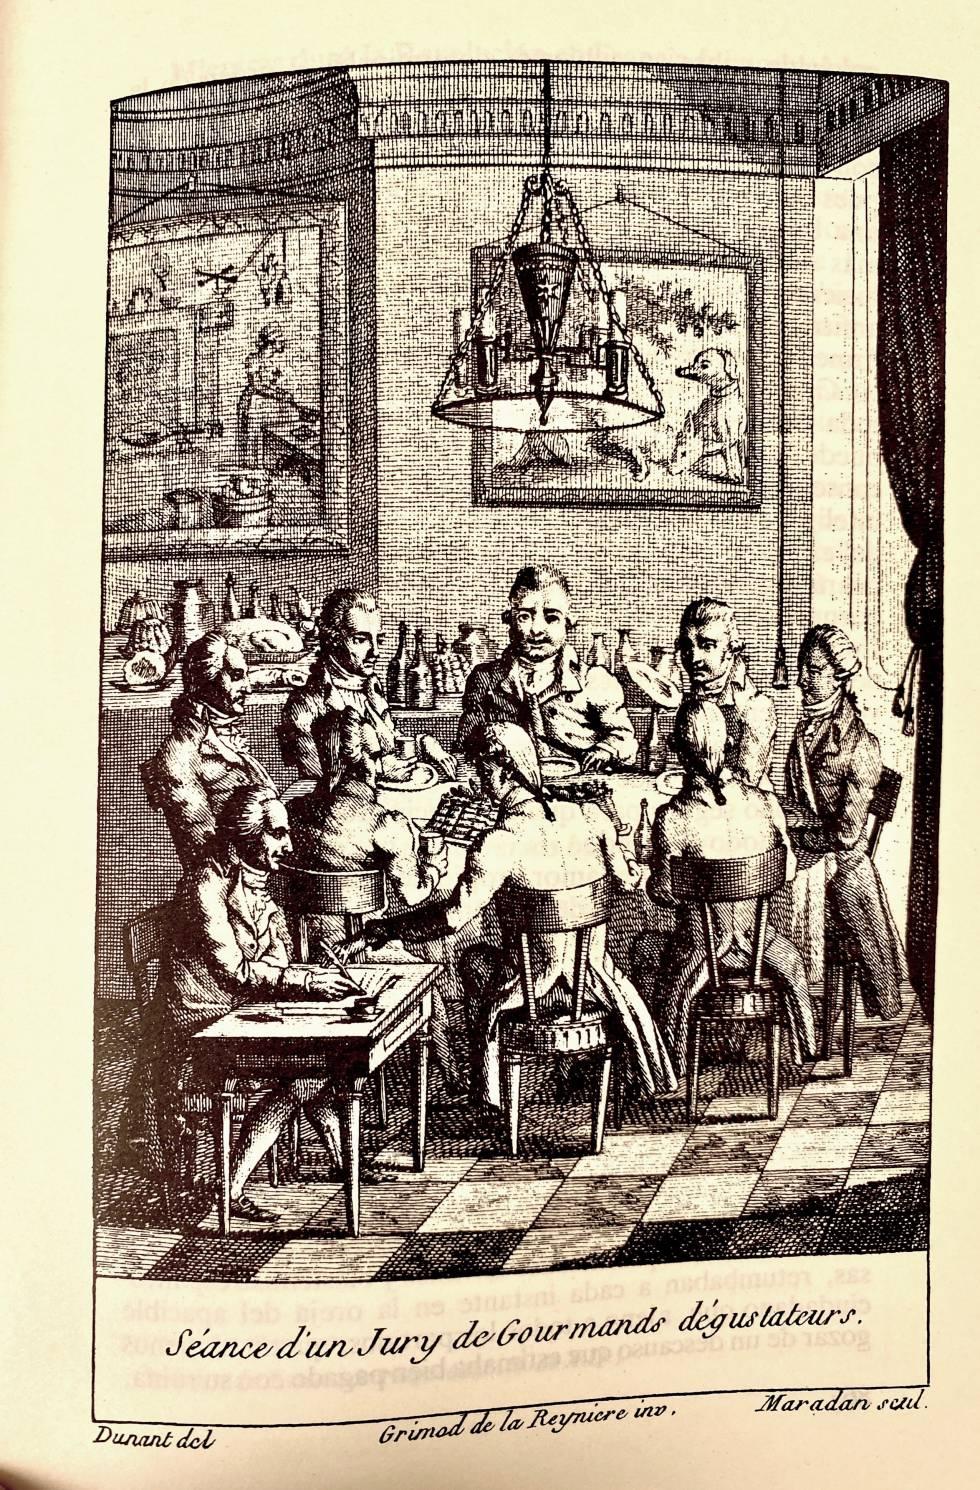 Estampa del jurado de cata, temible sociedad de catadores que creó Grimod de la Reinière.